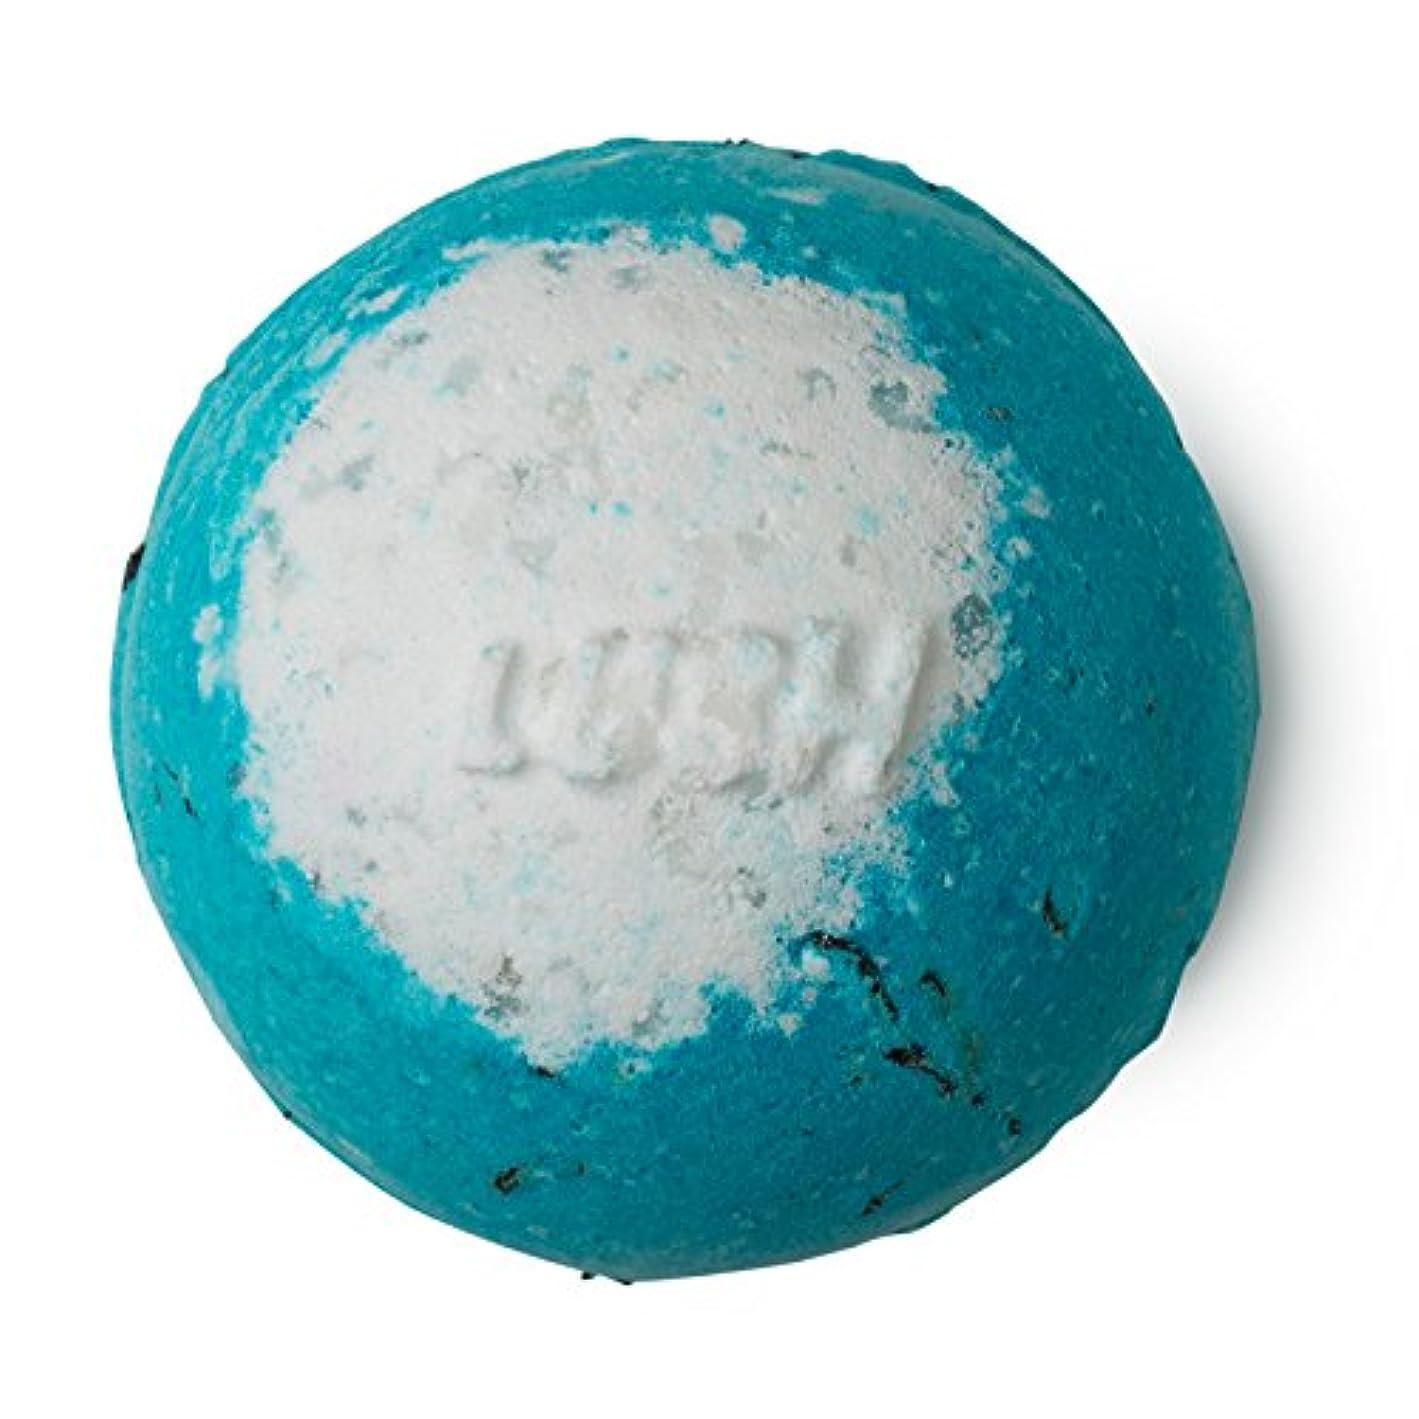 タクトのスコアディスパッチLUSH ラッシュ RUSHラッシュ 200g バスボム 浴用 シーソルト 入浴剤 ラベンダーオイル 入浴剤 ギフト